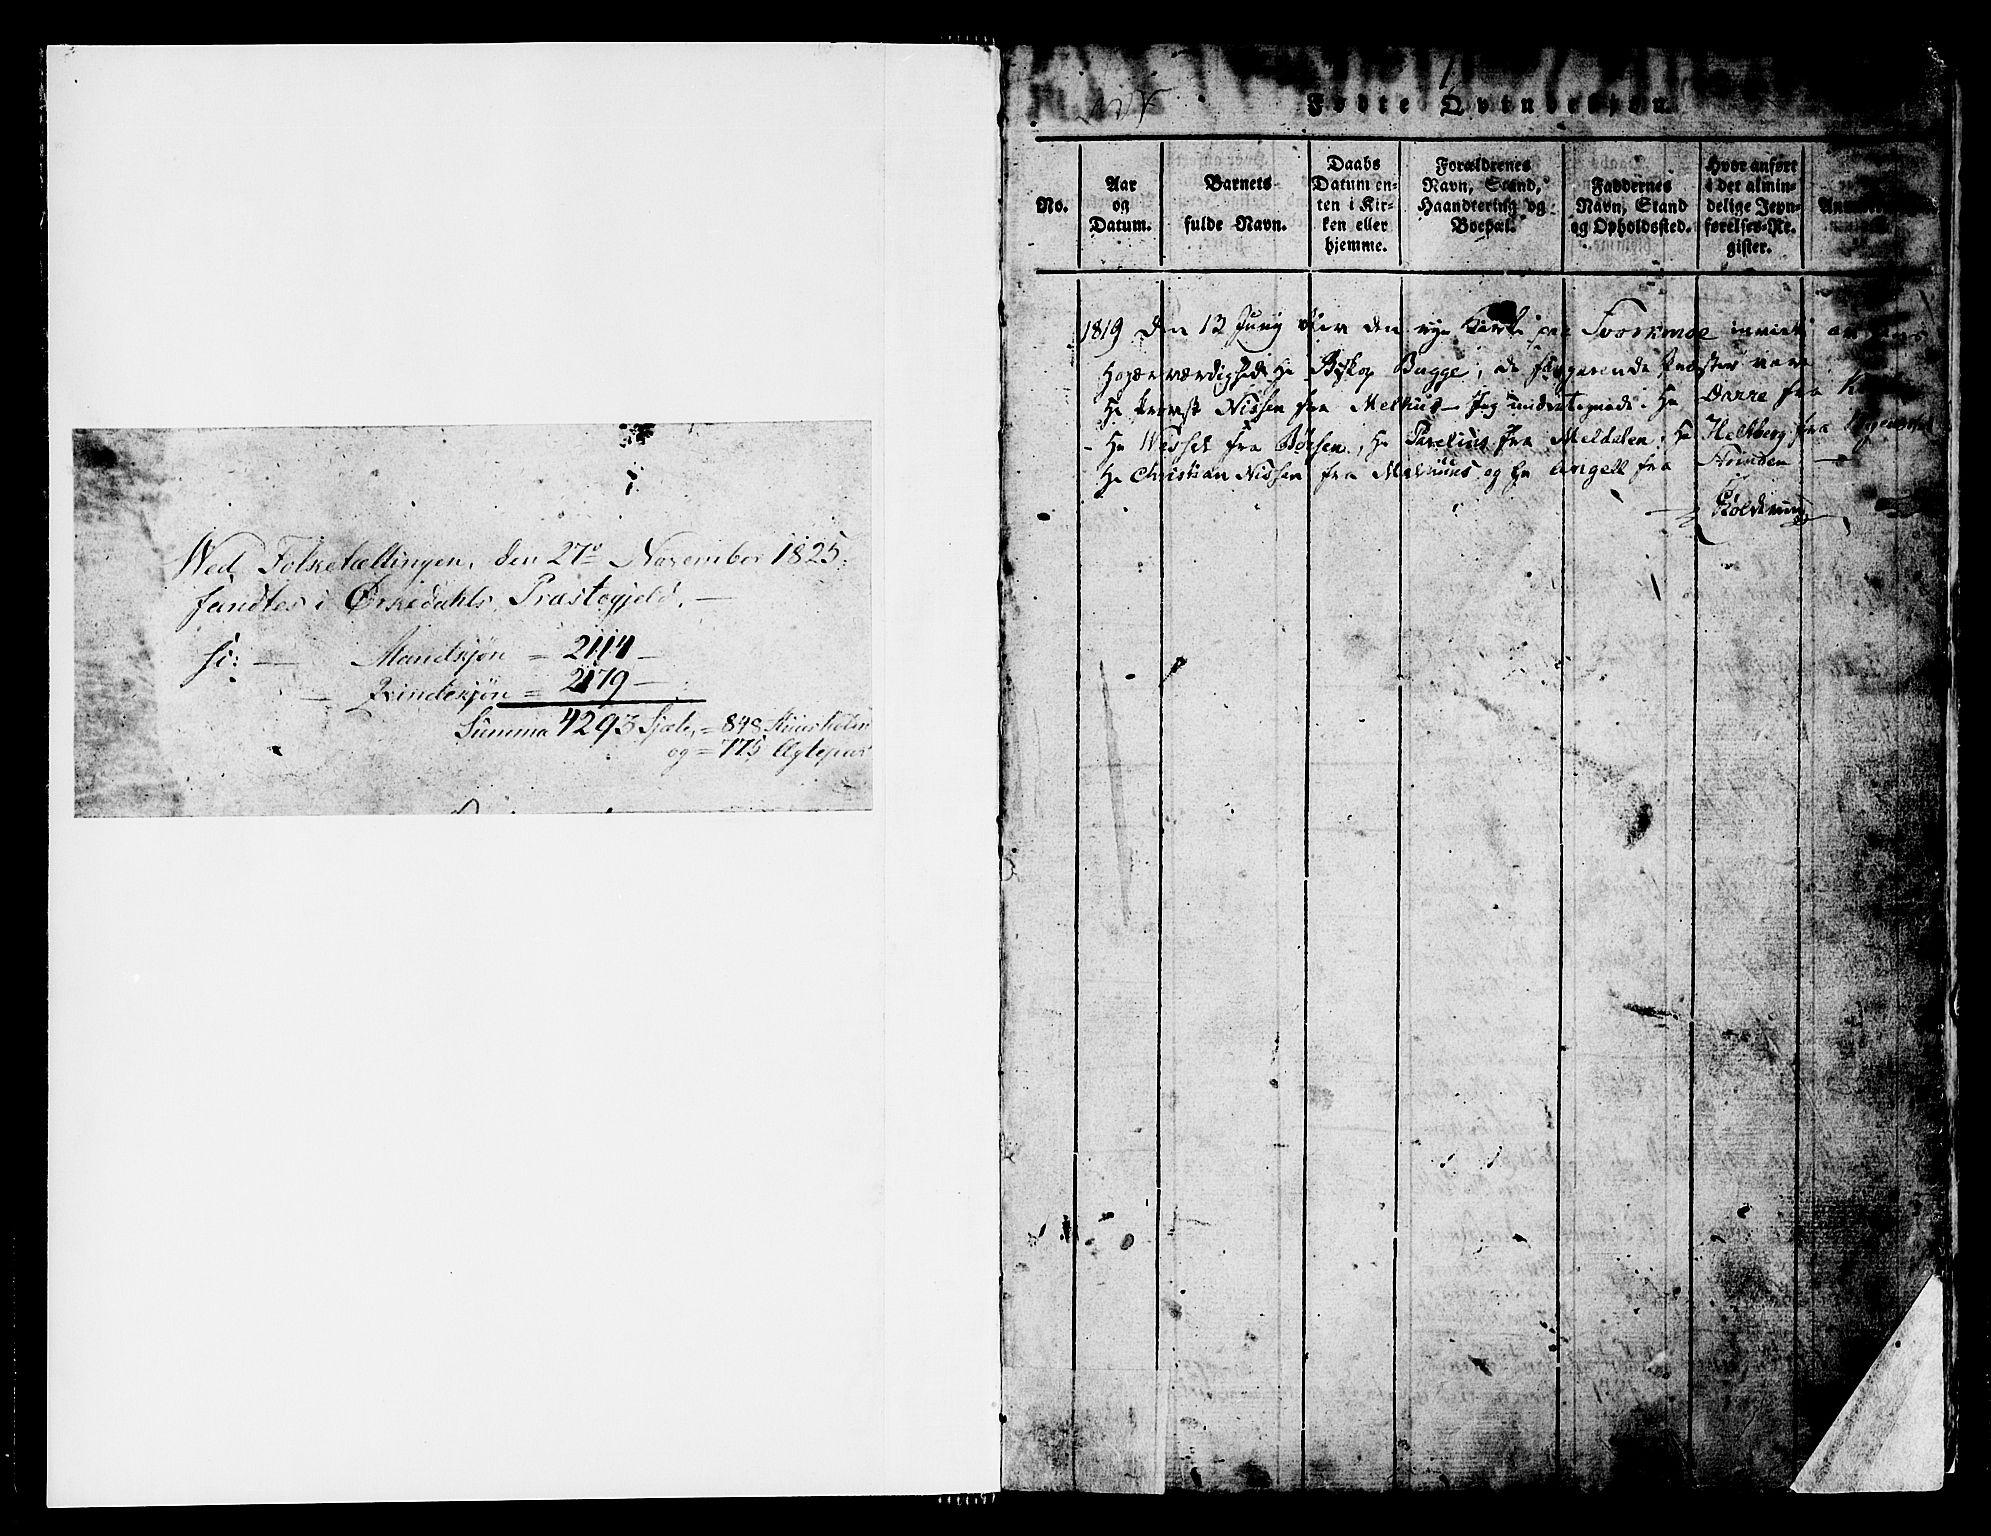 SAT, Ministerialprotokoller, klokkerbøker og fødselsregistre - Sør-Trøndelag, 671/L0842: Klokkerbok nr. 671C01, 1816-1867, s. 0-1